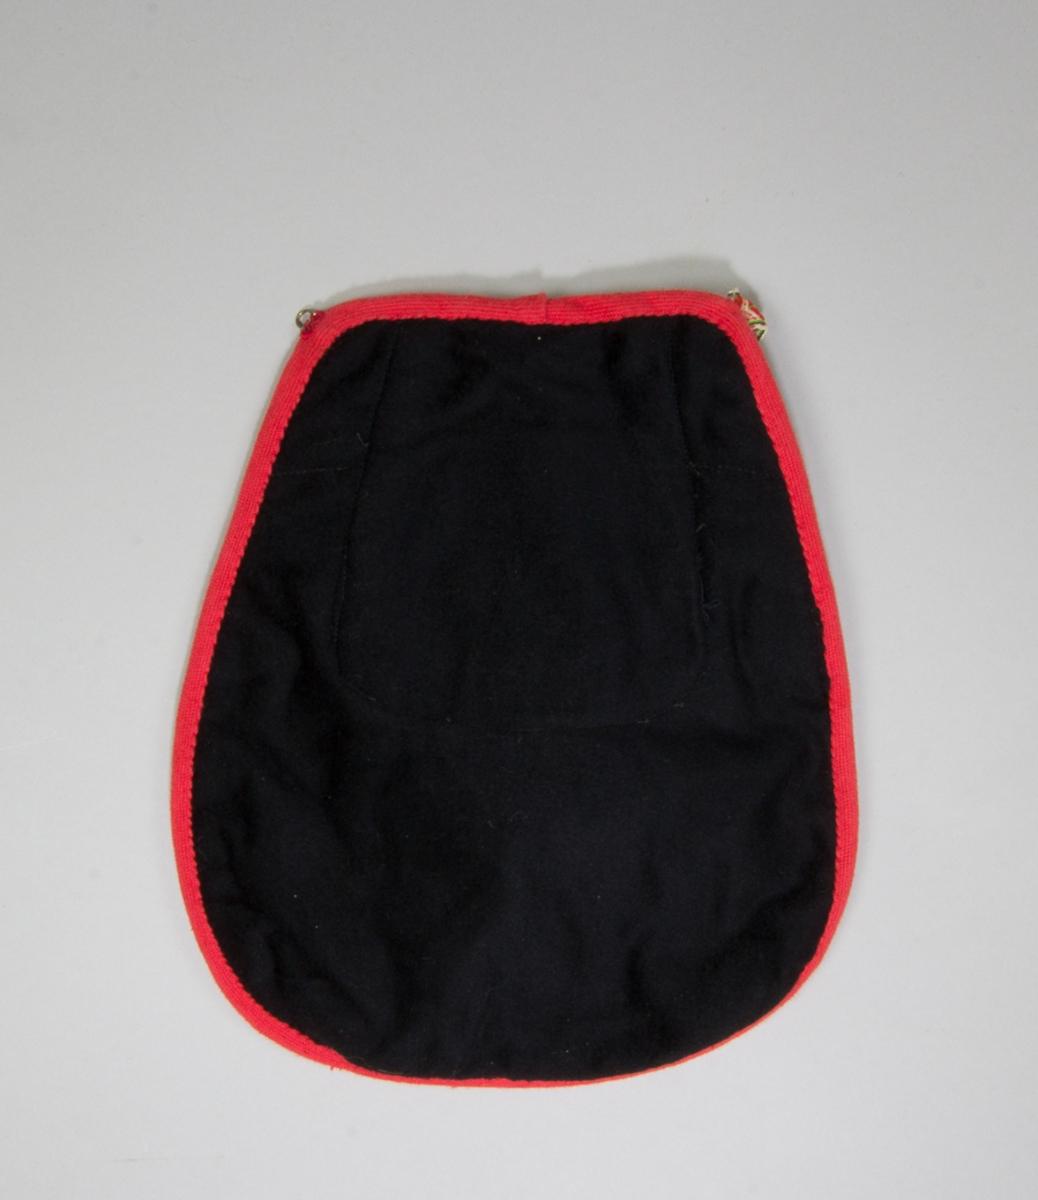 Kjolsäck till dräkt för kvinna från Leksands socken, Dalarna. Modell med u-formad öppning. Tillverkad av svart ylletyg, kläde, med applikationer av kläde i gult, grönt och rött, fastsydda med läggsöm. Centralt placerad hjärtblomma med slingor och mindre hjärtan på sidorna, trekanter längs kanterna. Broderi utfört med bomullsgarn i flera färger: flätsöm, stjälksöm, sticksöm. Framstycket fodrat med vitt bomullstyg, fabriksvävt, tuskaft. Kantad runtom med rött diagonalvävt ylleband. Bakstycke av svart kläde, med grönt kläde monterat i öppningen. Midjeband fabriksvävt, av bomull med mönster i rött på vit botten, med hake och hyska.